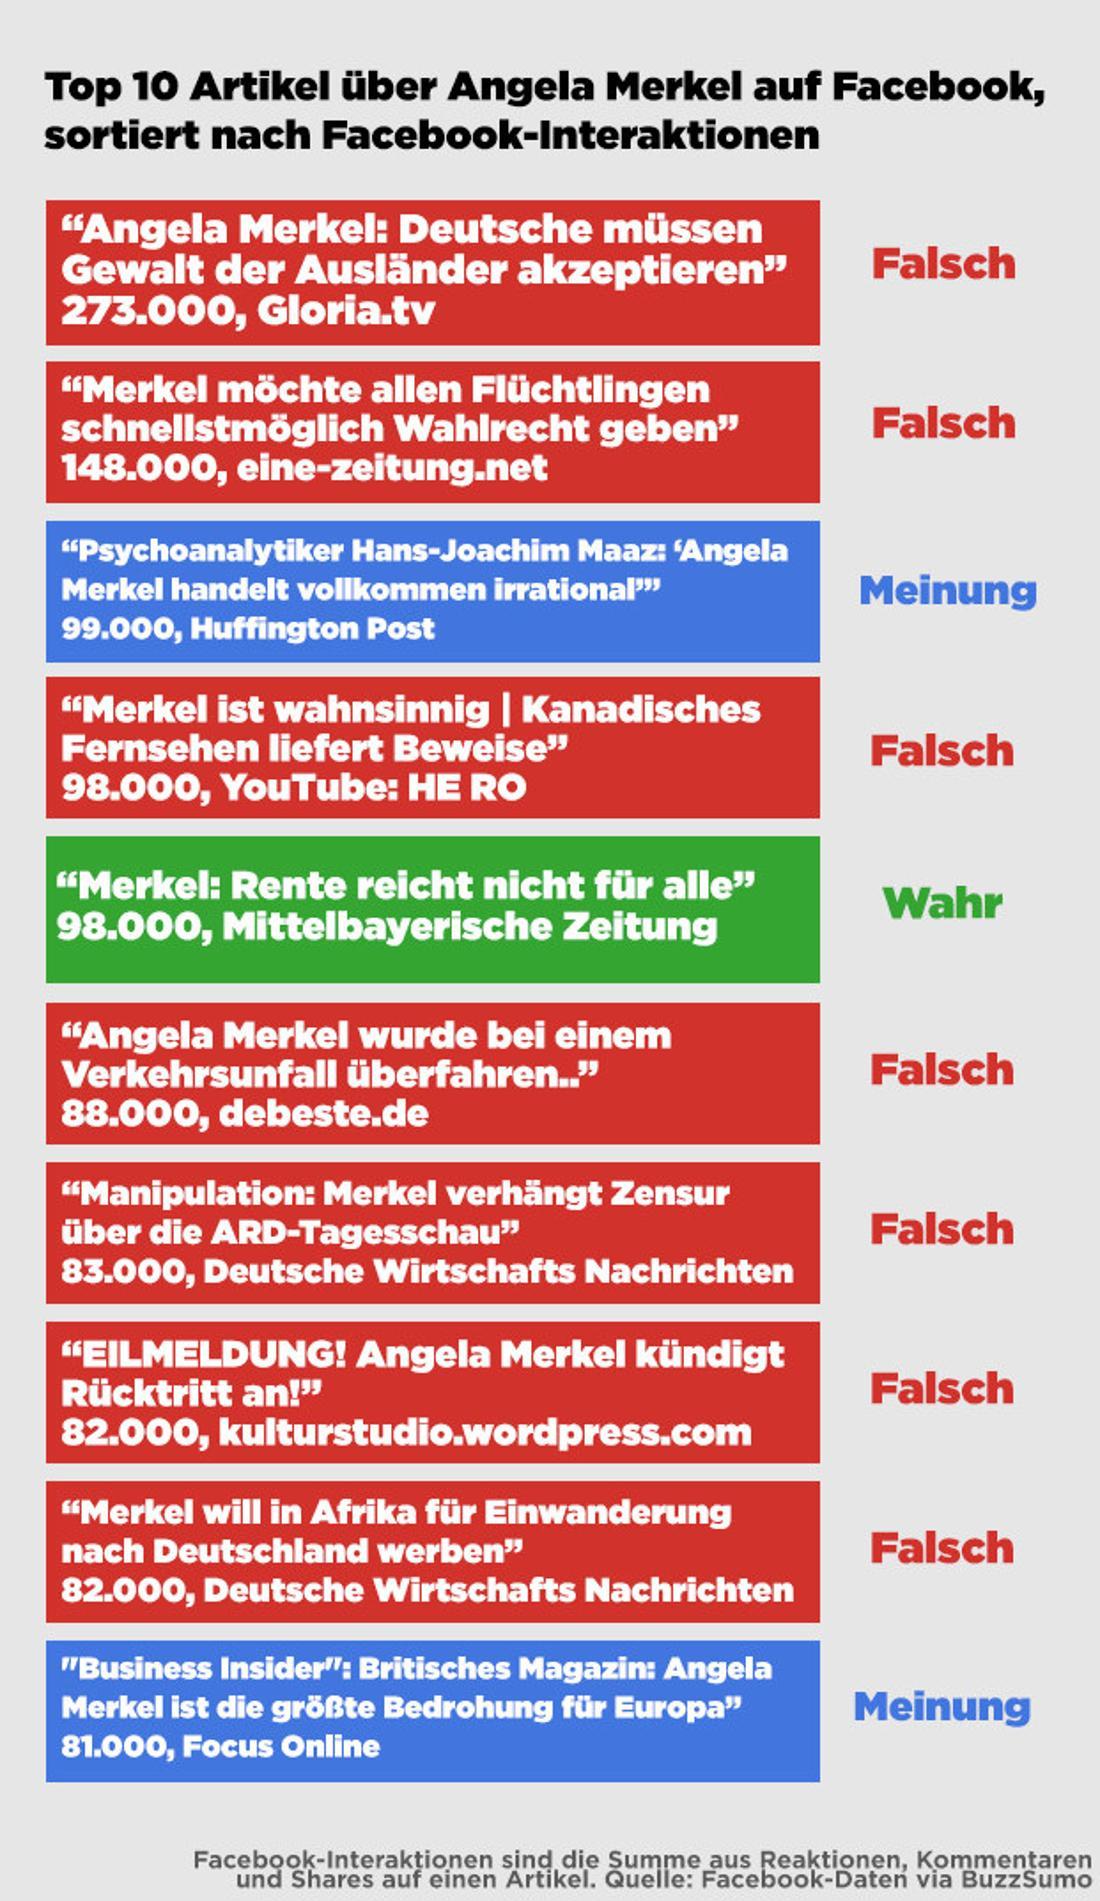 Unsere Rohdaten mit den 100 erfolgreichsten Artikeln über Angela Merkel auf Facebook stehen hier zur Verfügung.